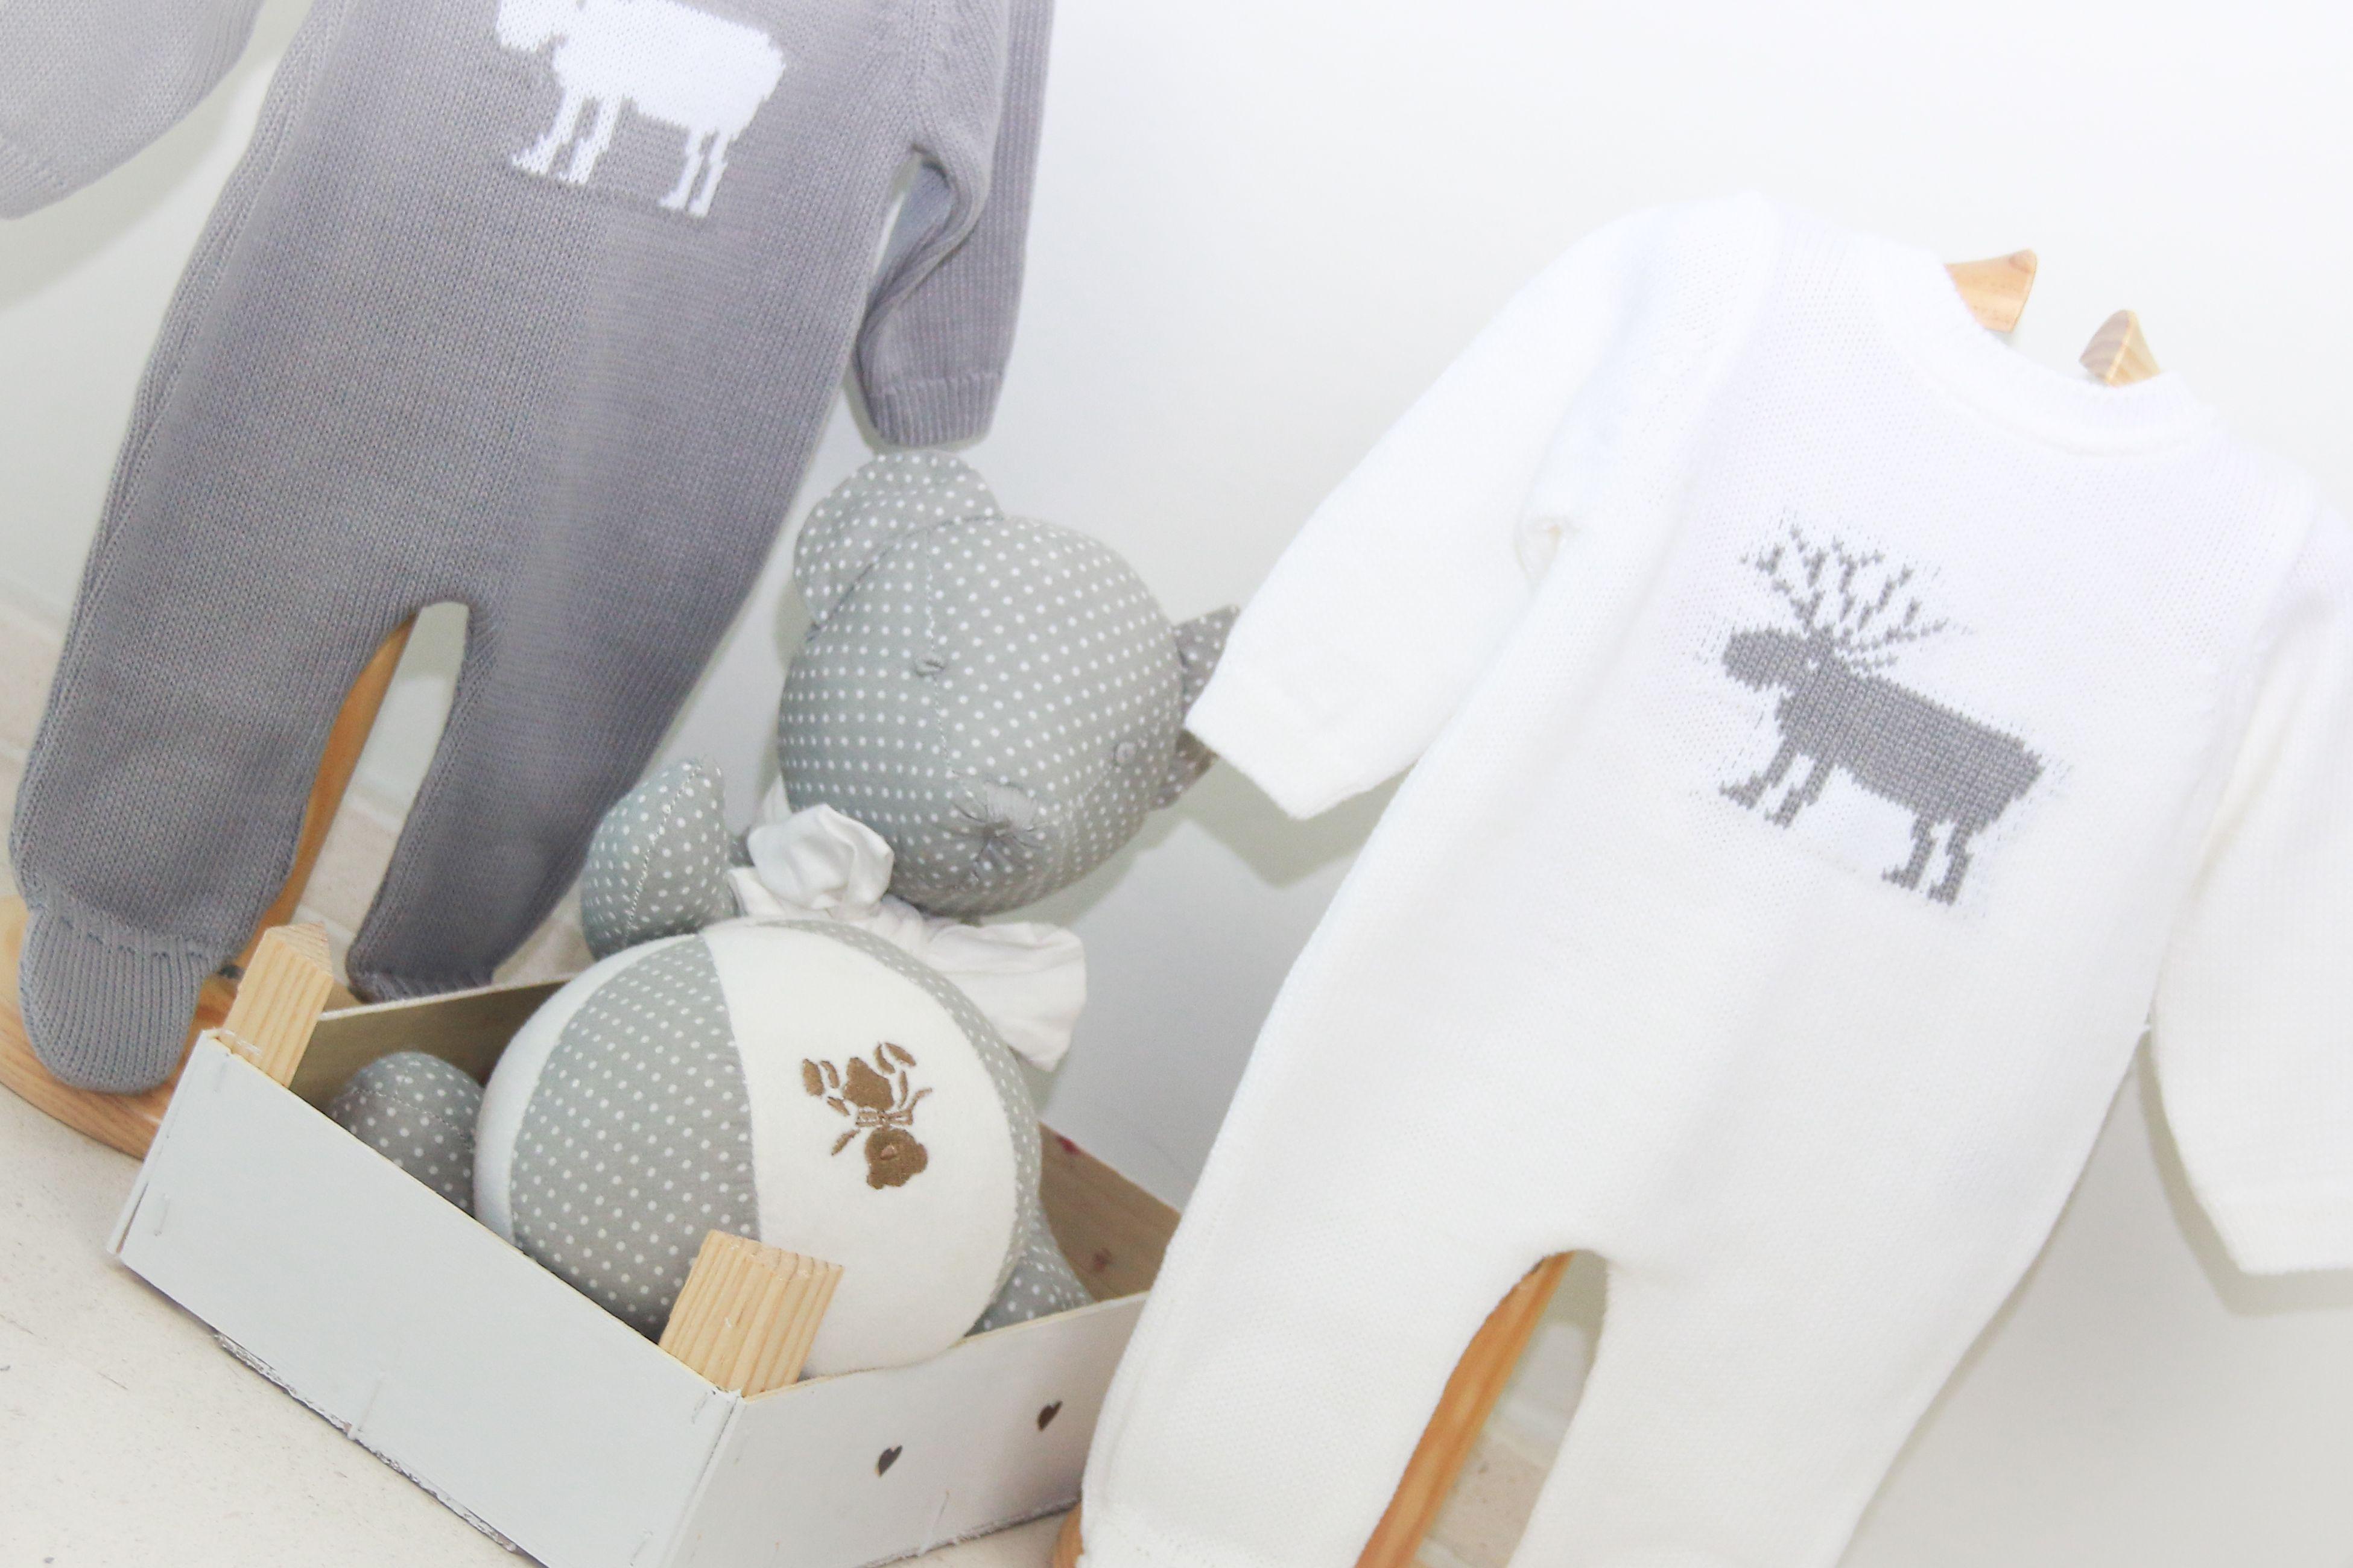 Ropa para bebés: Prendas en blanco y gris, perfectas para el invierno. #modainfantil #ropaparabebés http://chocolatbaby.es/catalogo-online/